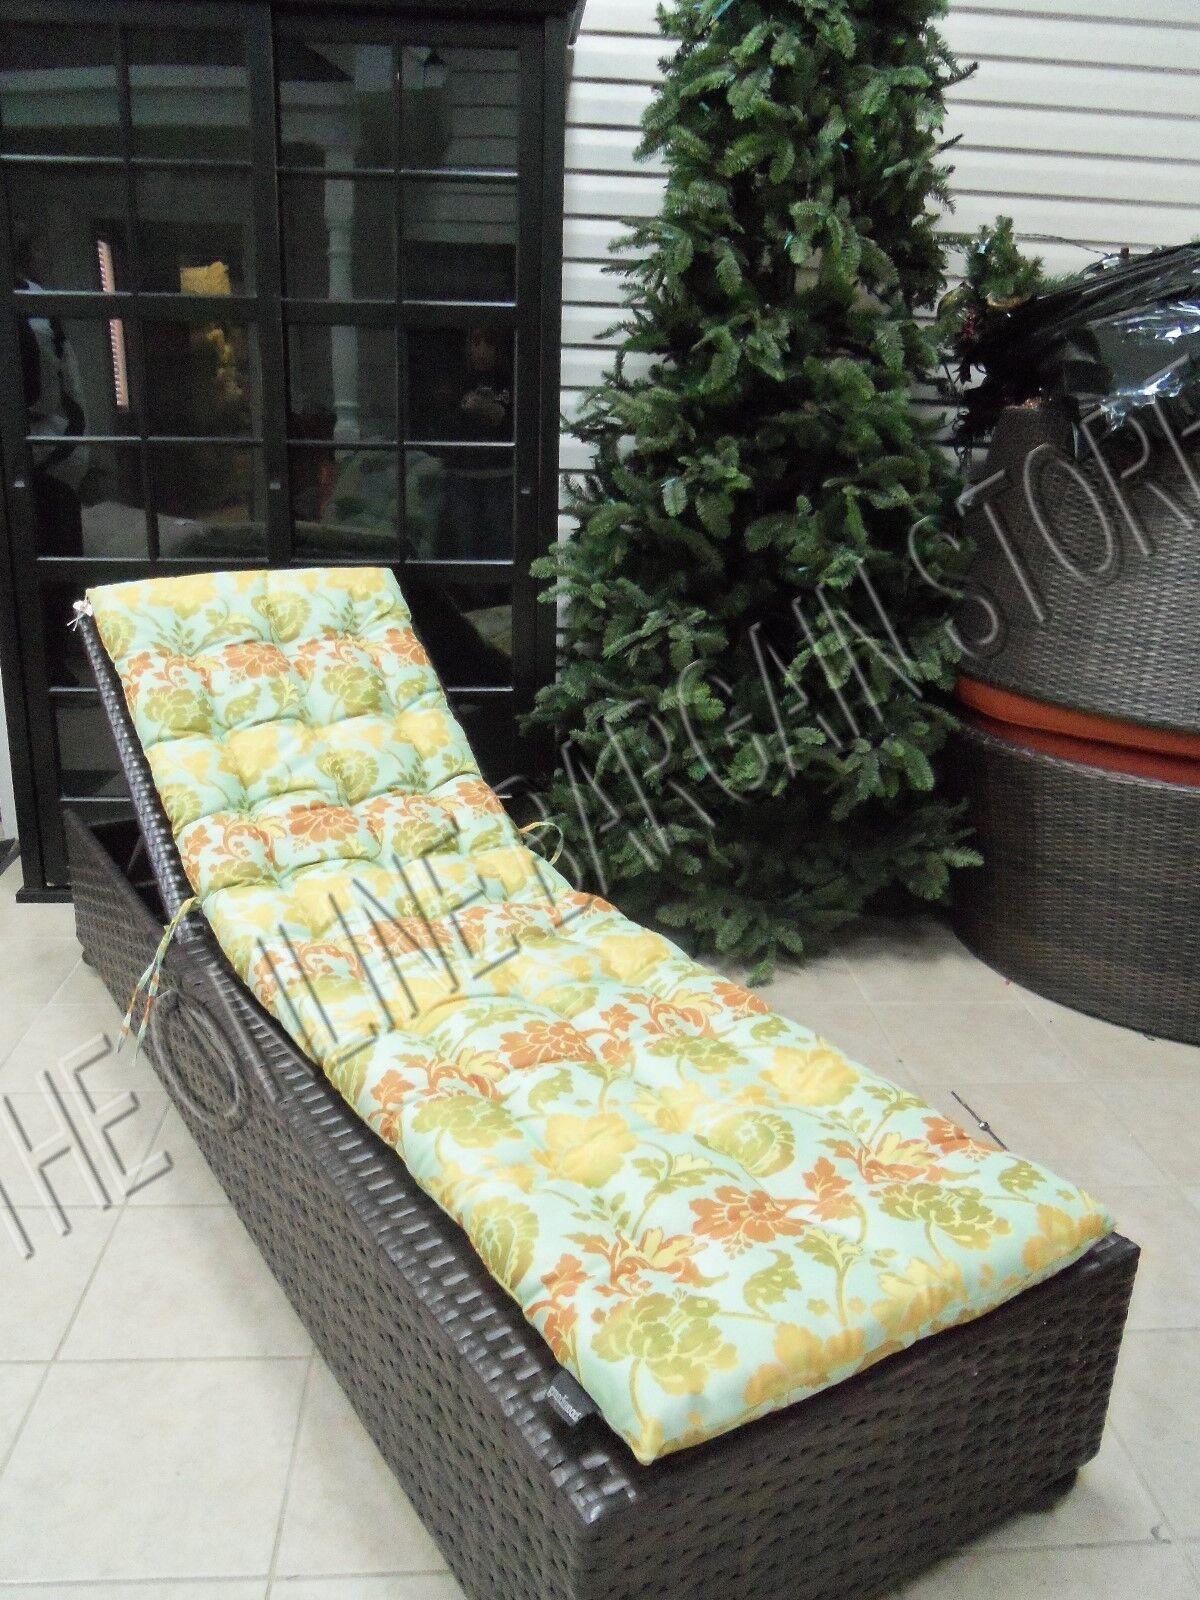 Frontgate grandinroad Al Aire Libre Patio Chaise Cojín Ombre Seaglass Floral 23x78